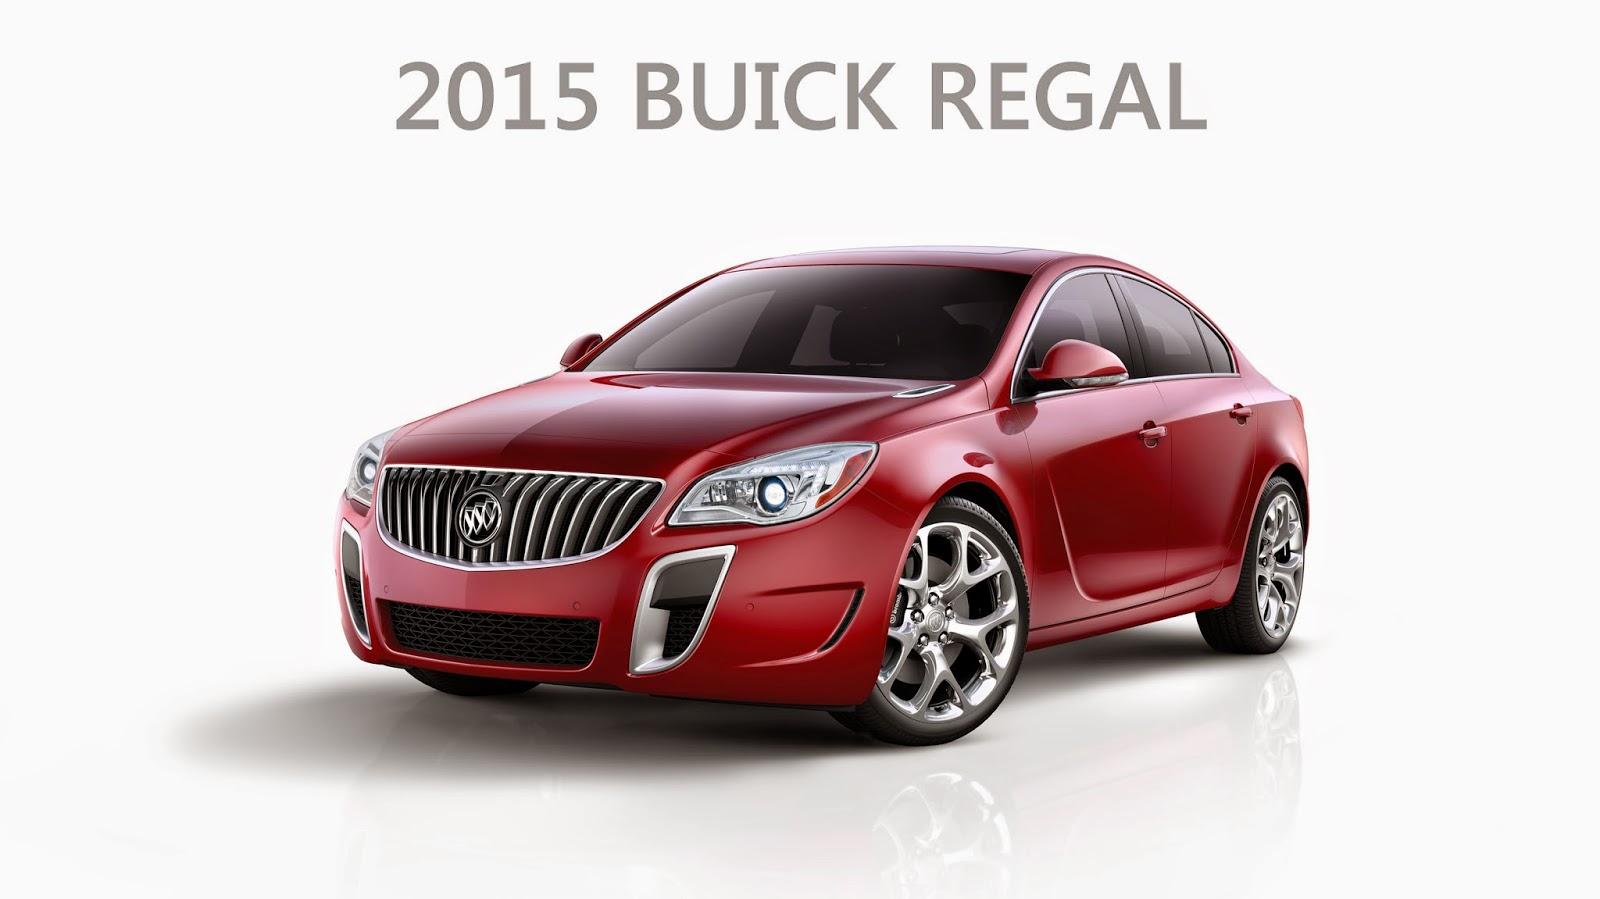 http://www.fergusonbuickgmc.com/2015-Buick-Regal